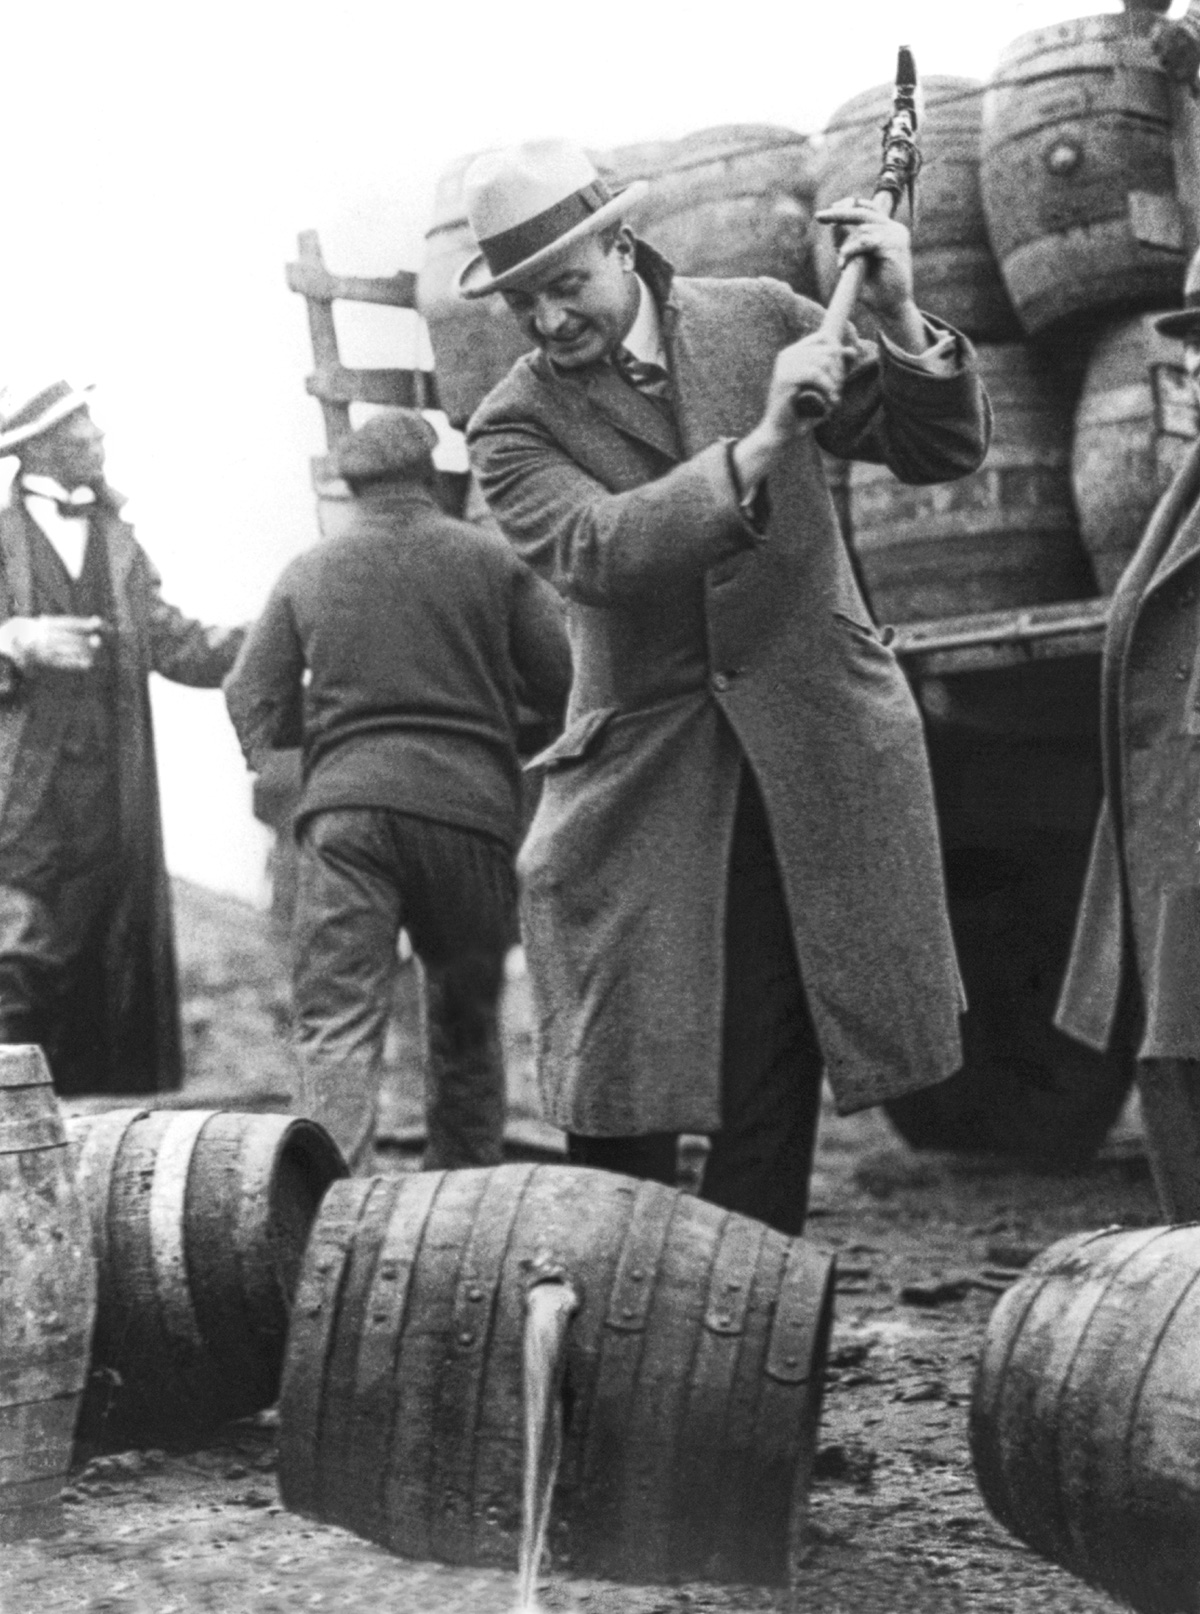 сухой закон, история США, уничтожение спиртного, выпивка-3